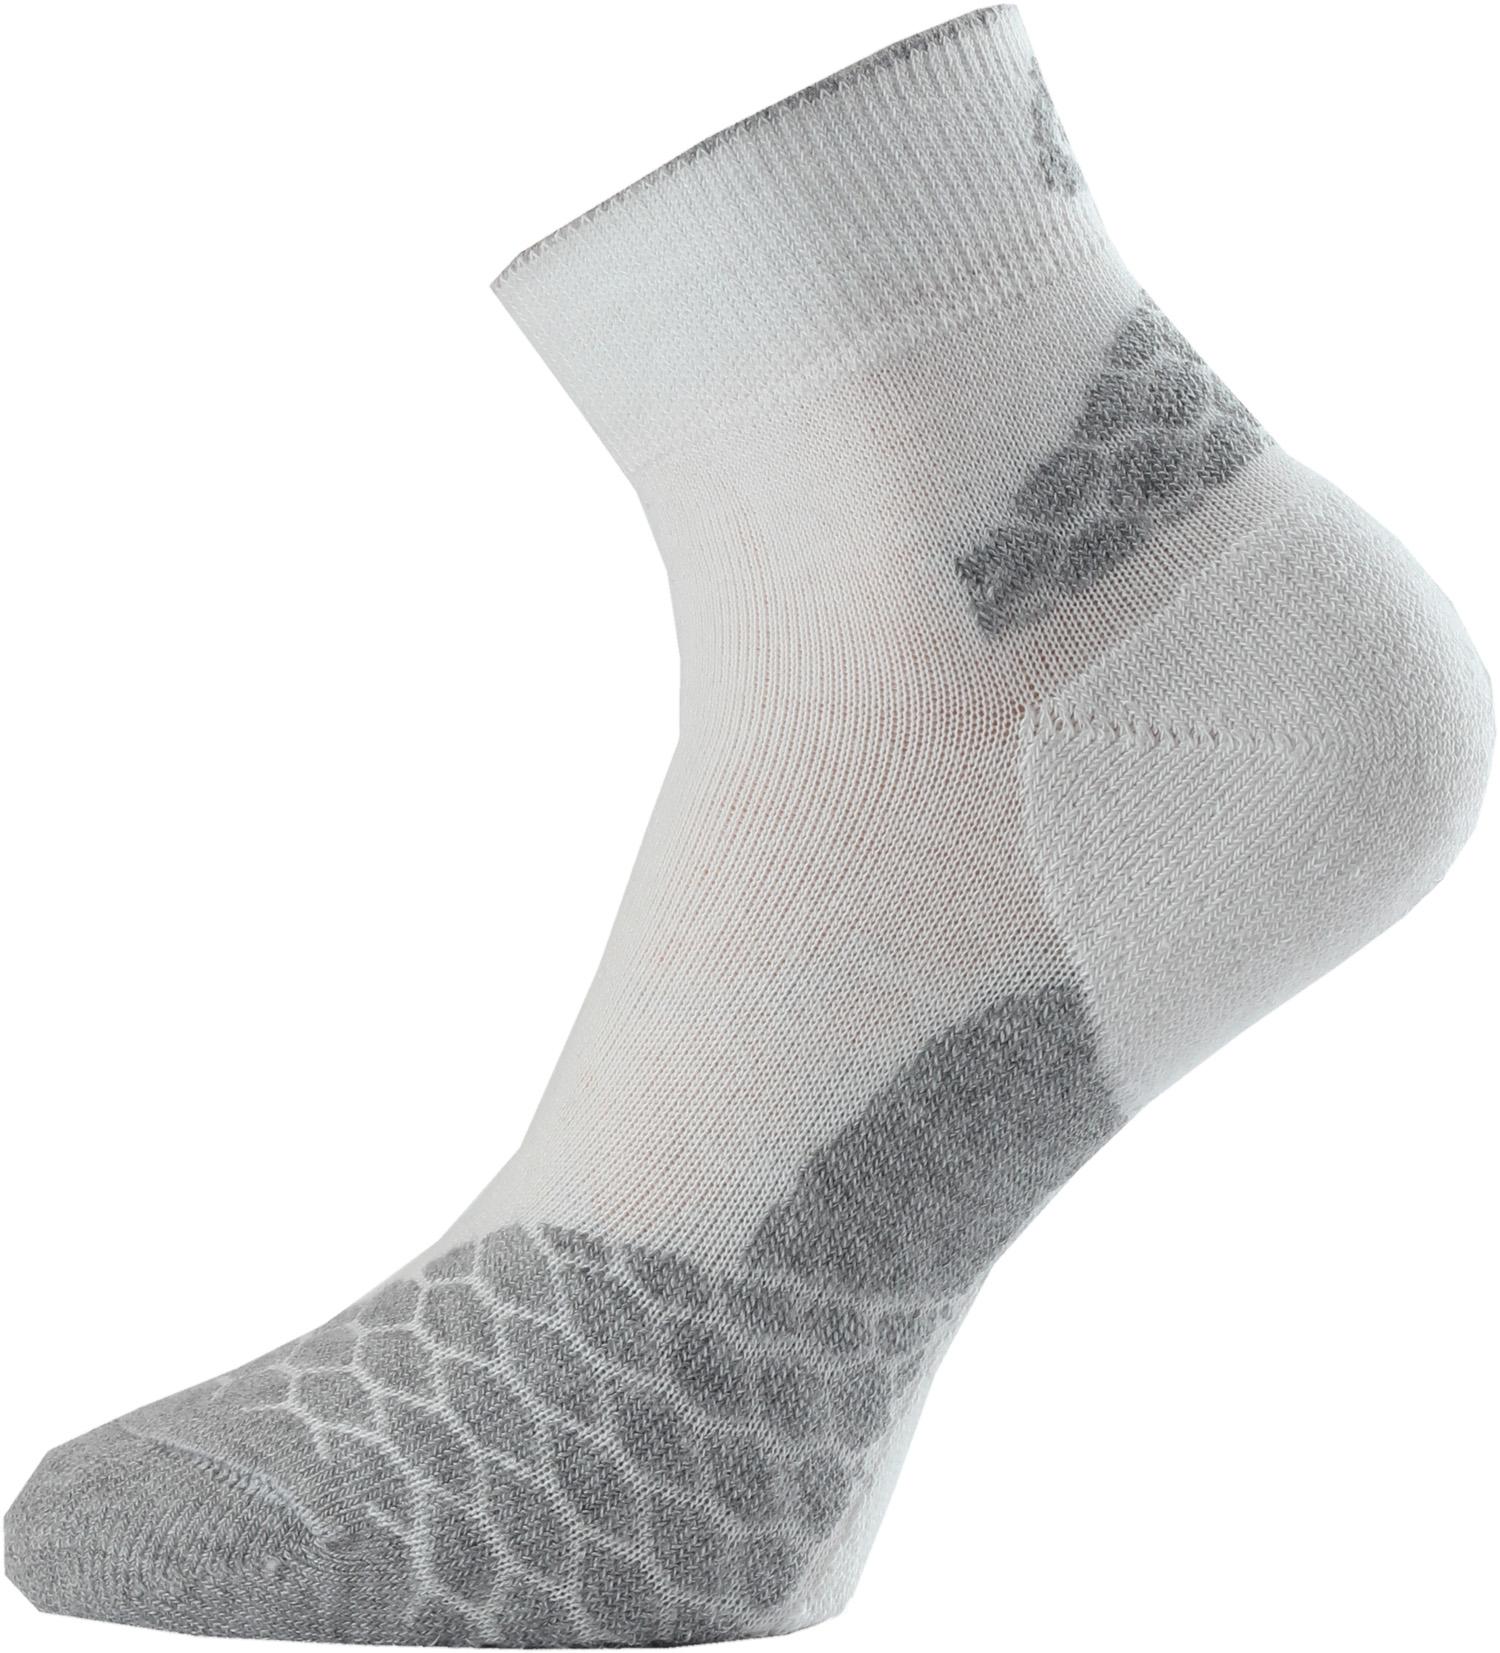 Lasting RON 008 bílá běžecké ponožky Velikost: (34-37) S možnost vrácení do 12.1.2018